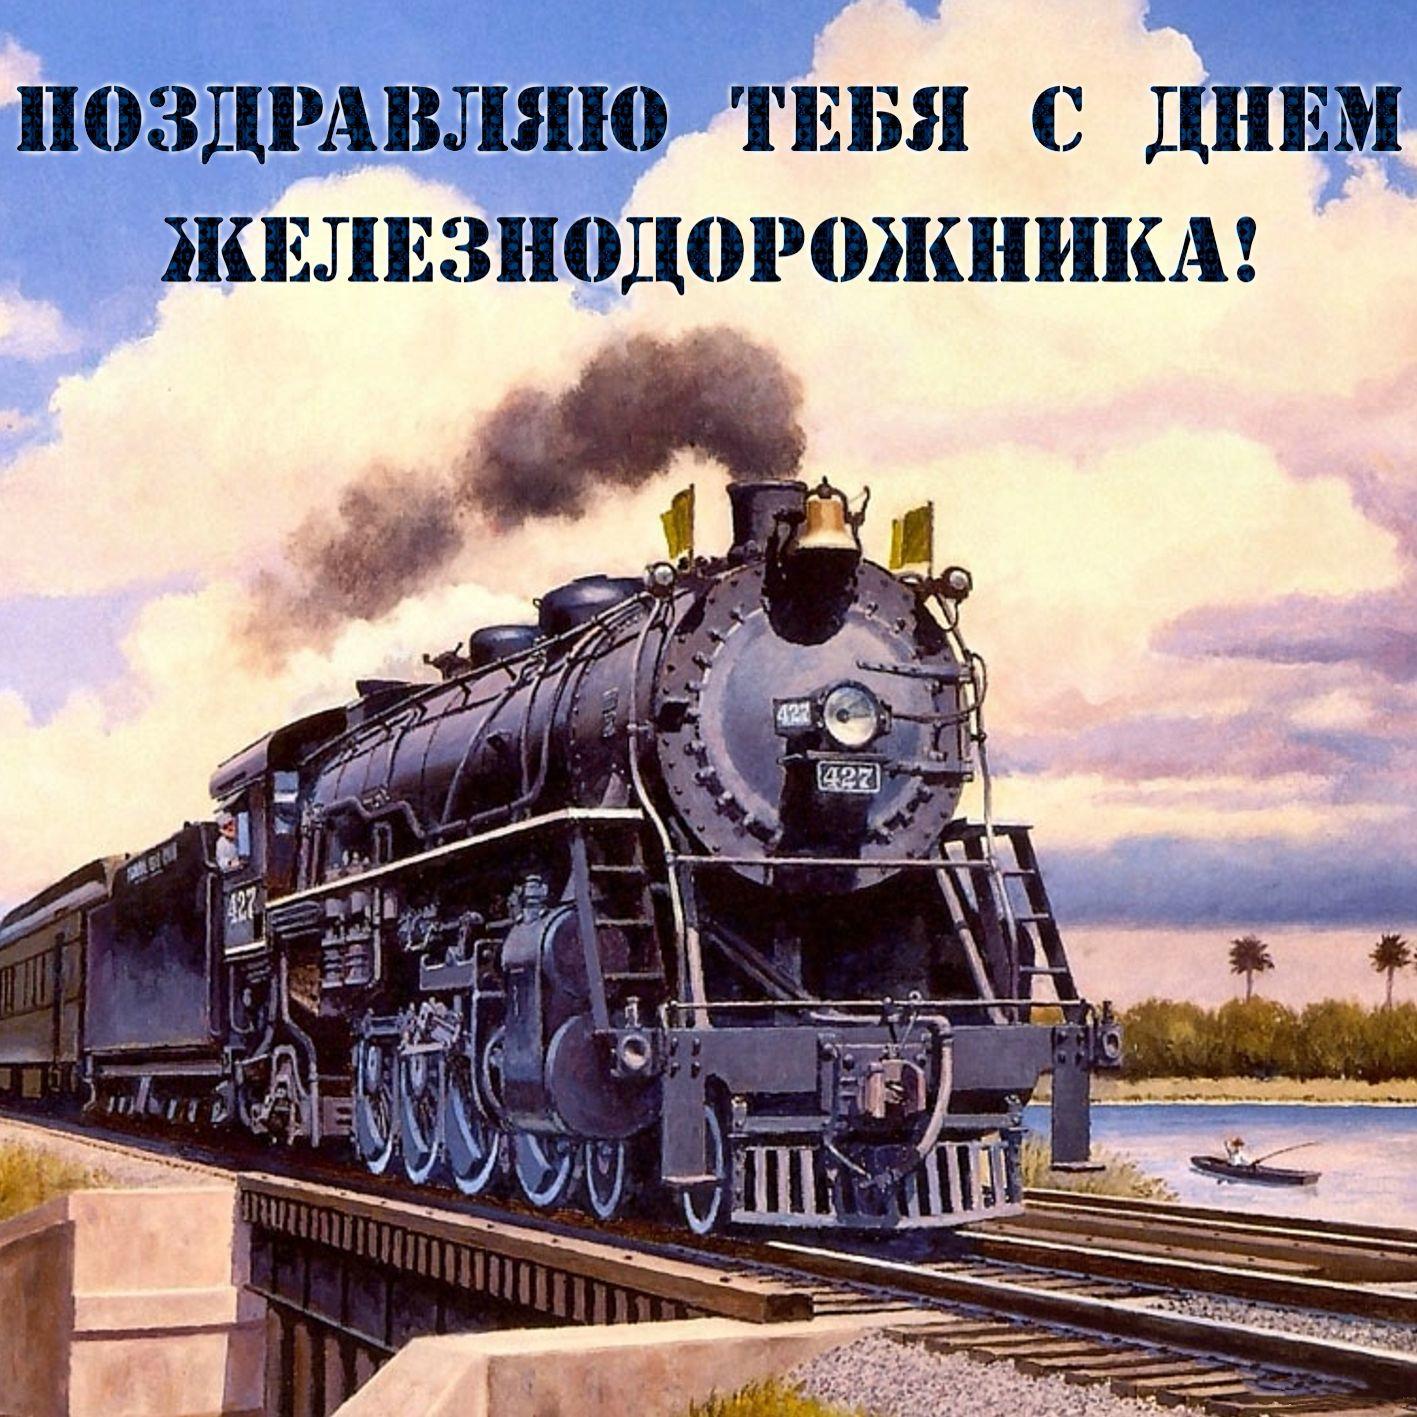 это открытку с днем железной дороги качестве